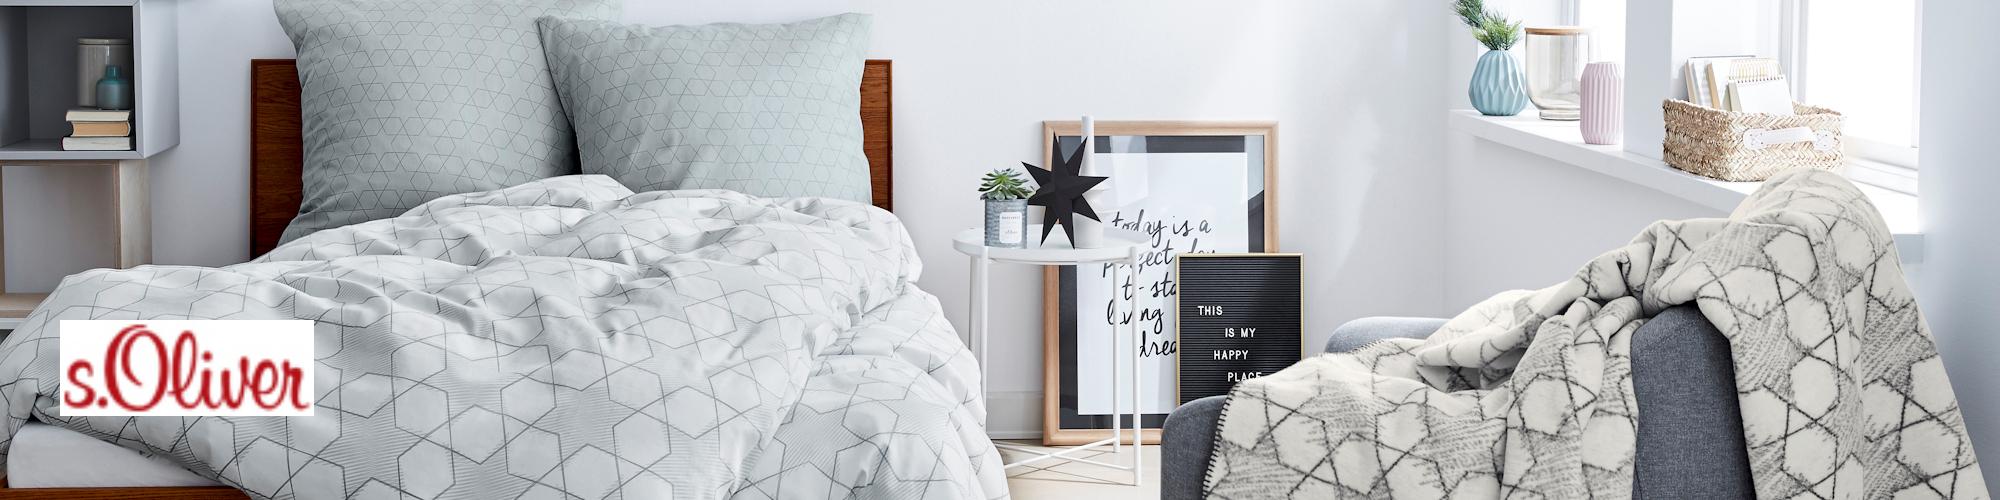 s oliver bettw sche und decken boudoir. Black Bedroom Furniture Sets. Home Design Ideas